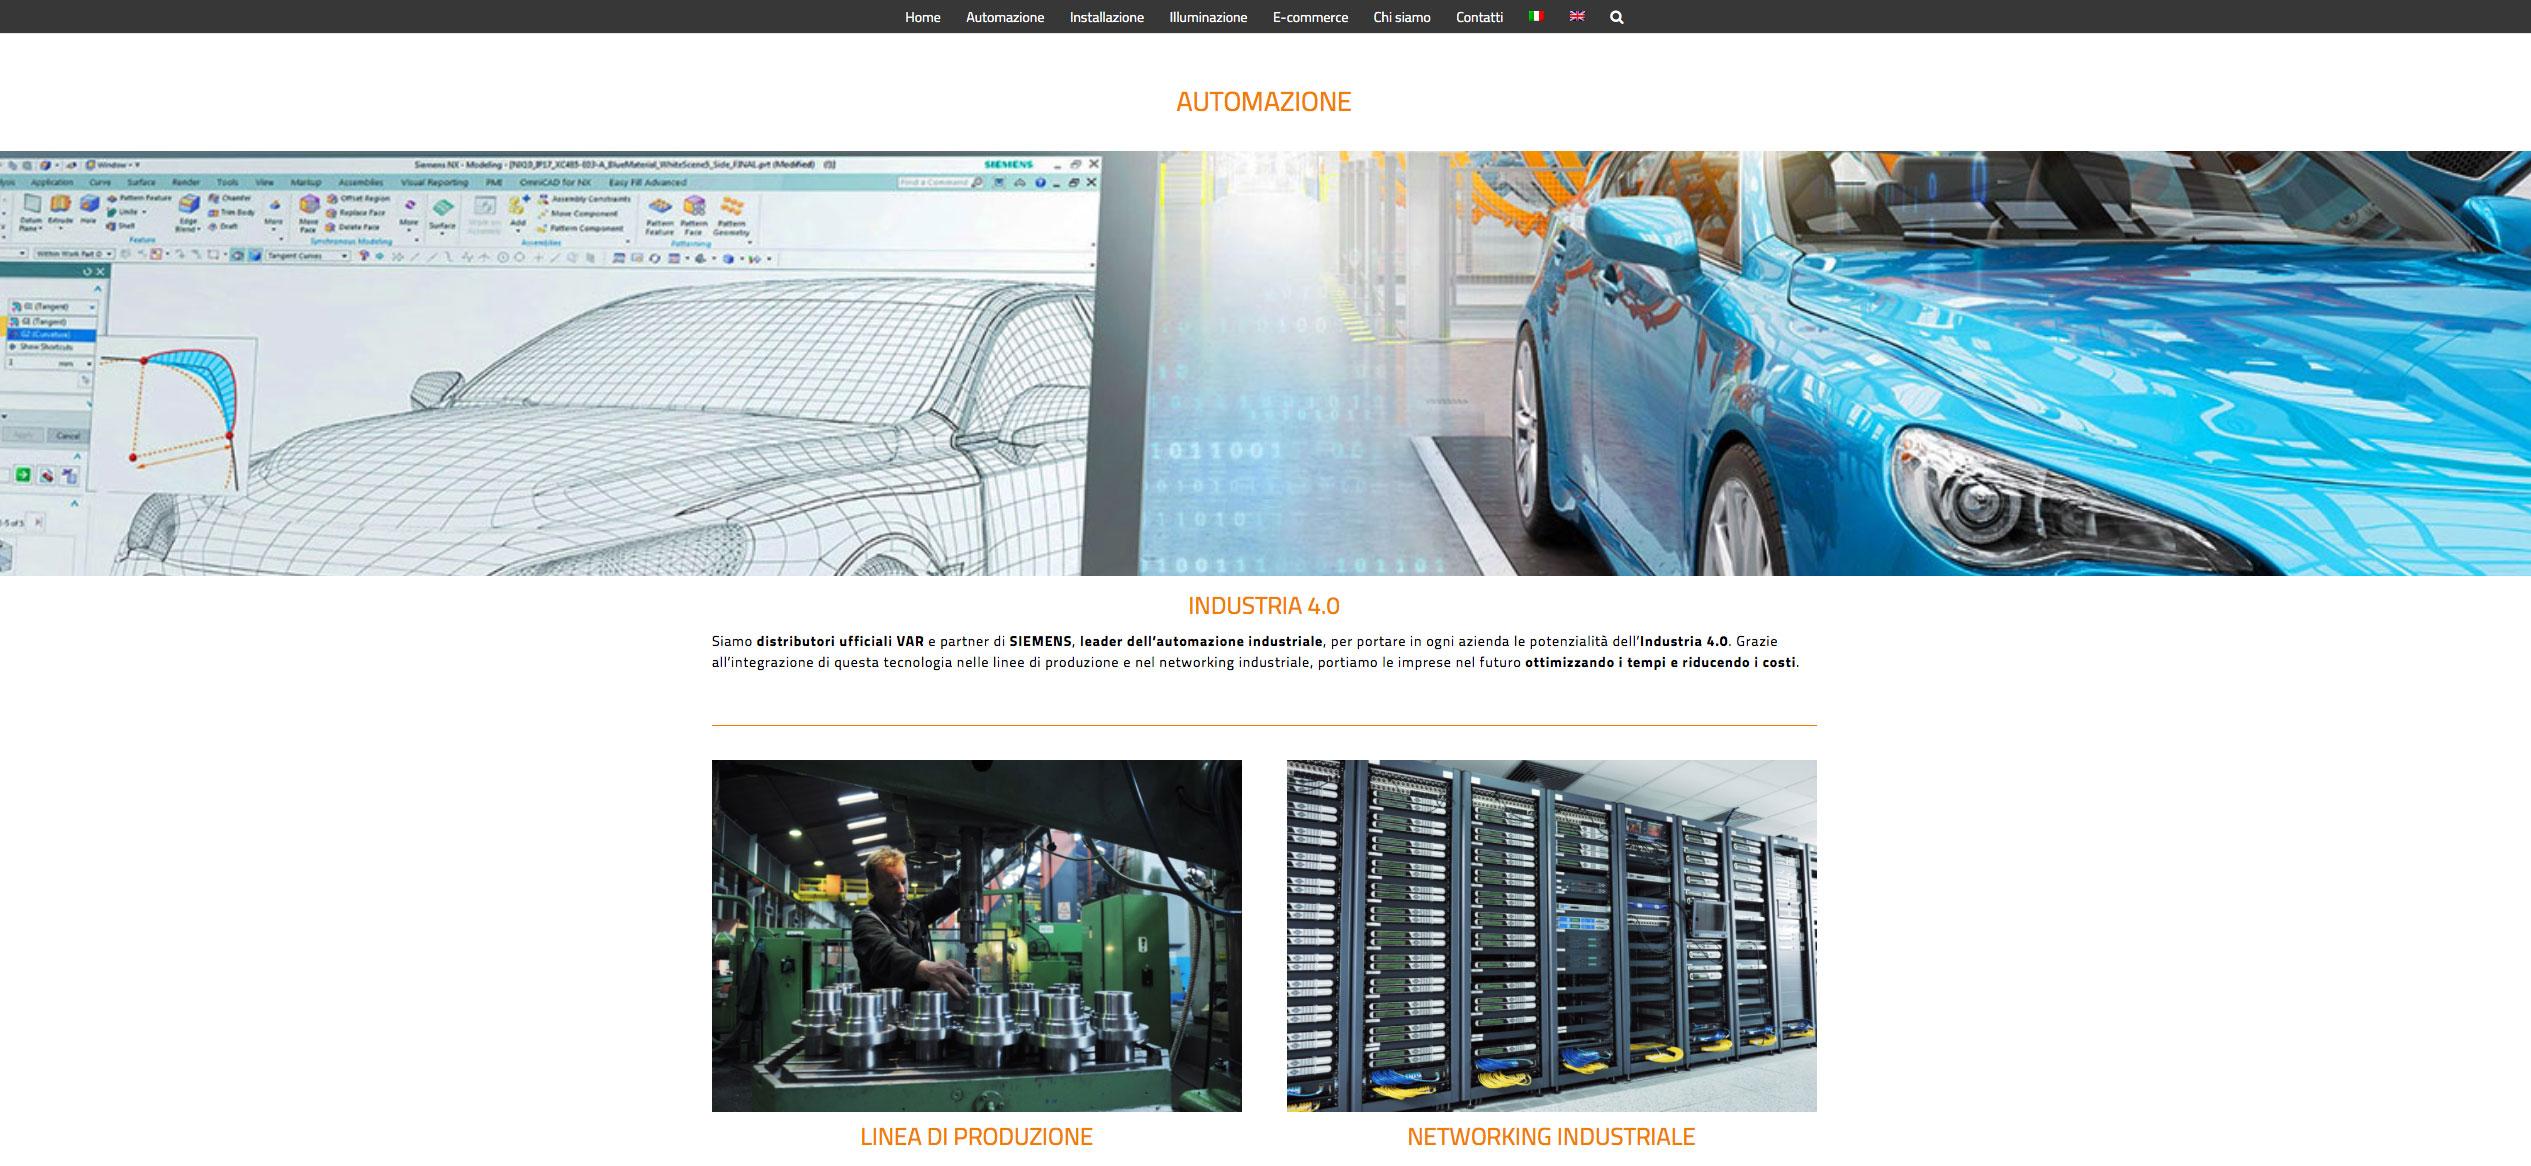 web-agency-creazione-sito-web-aziendale-pavia-milano-2